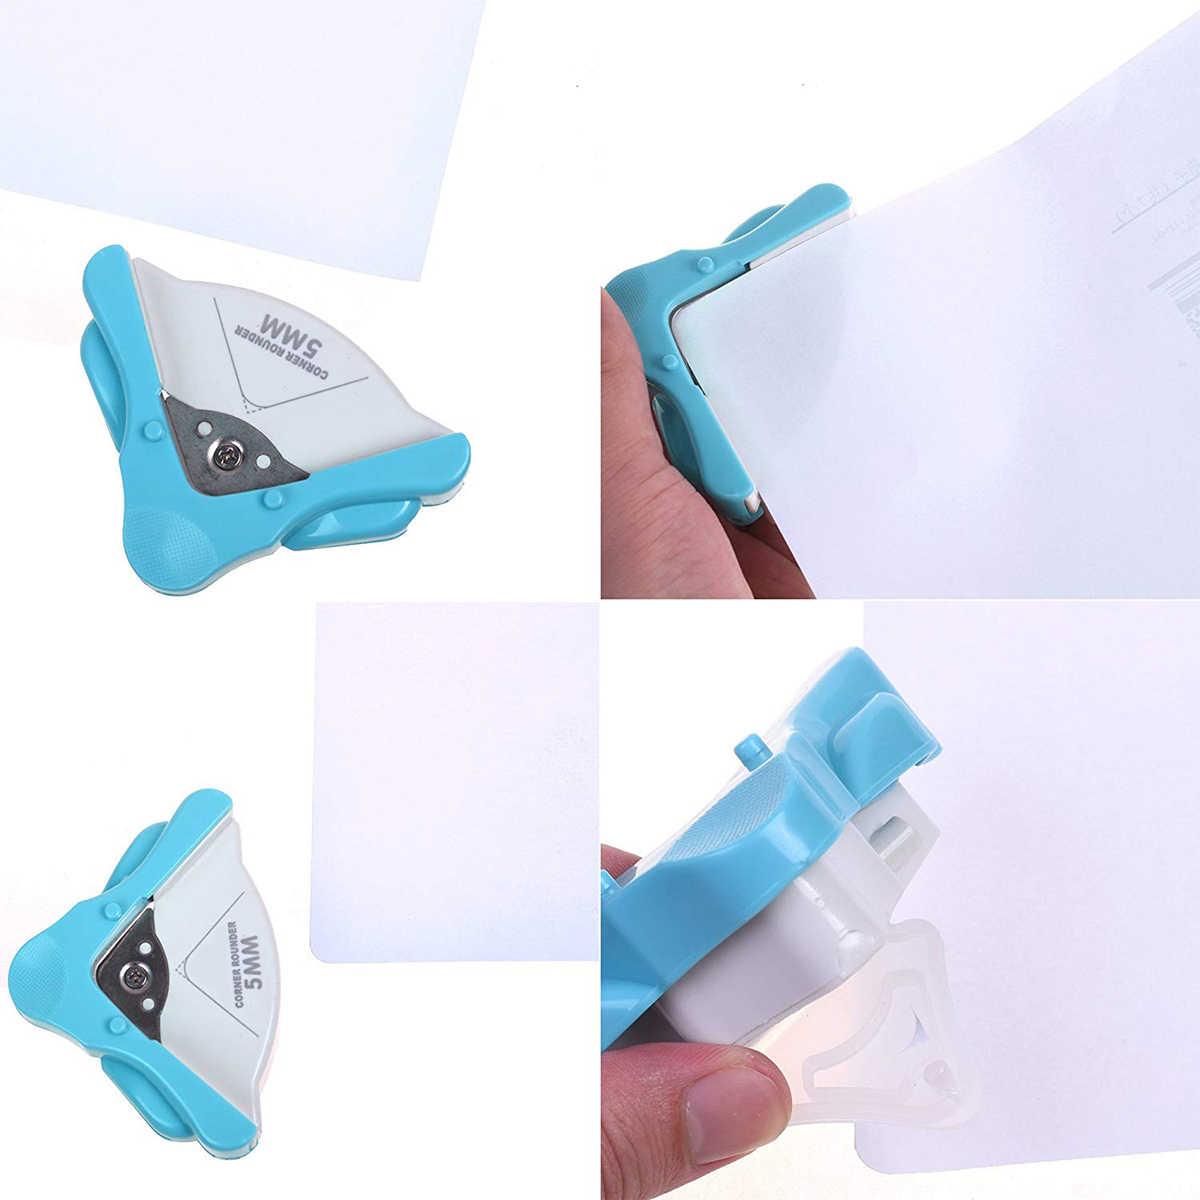 تقليم خرامة ورق بطاقة الصورة كرتون القاطع 5mm مستدير جولة الزاوية أداة كرافت